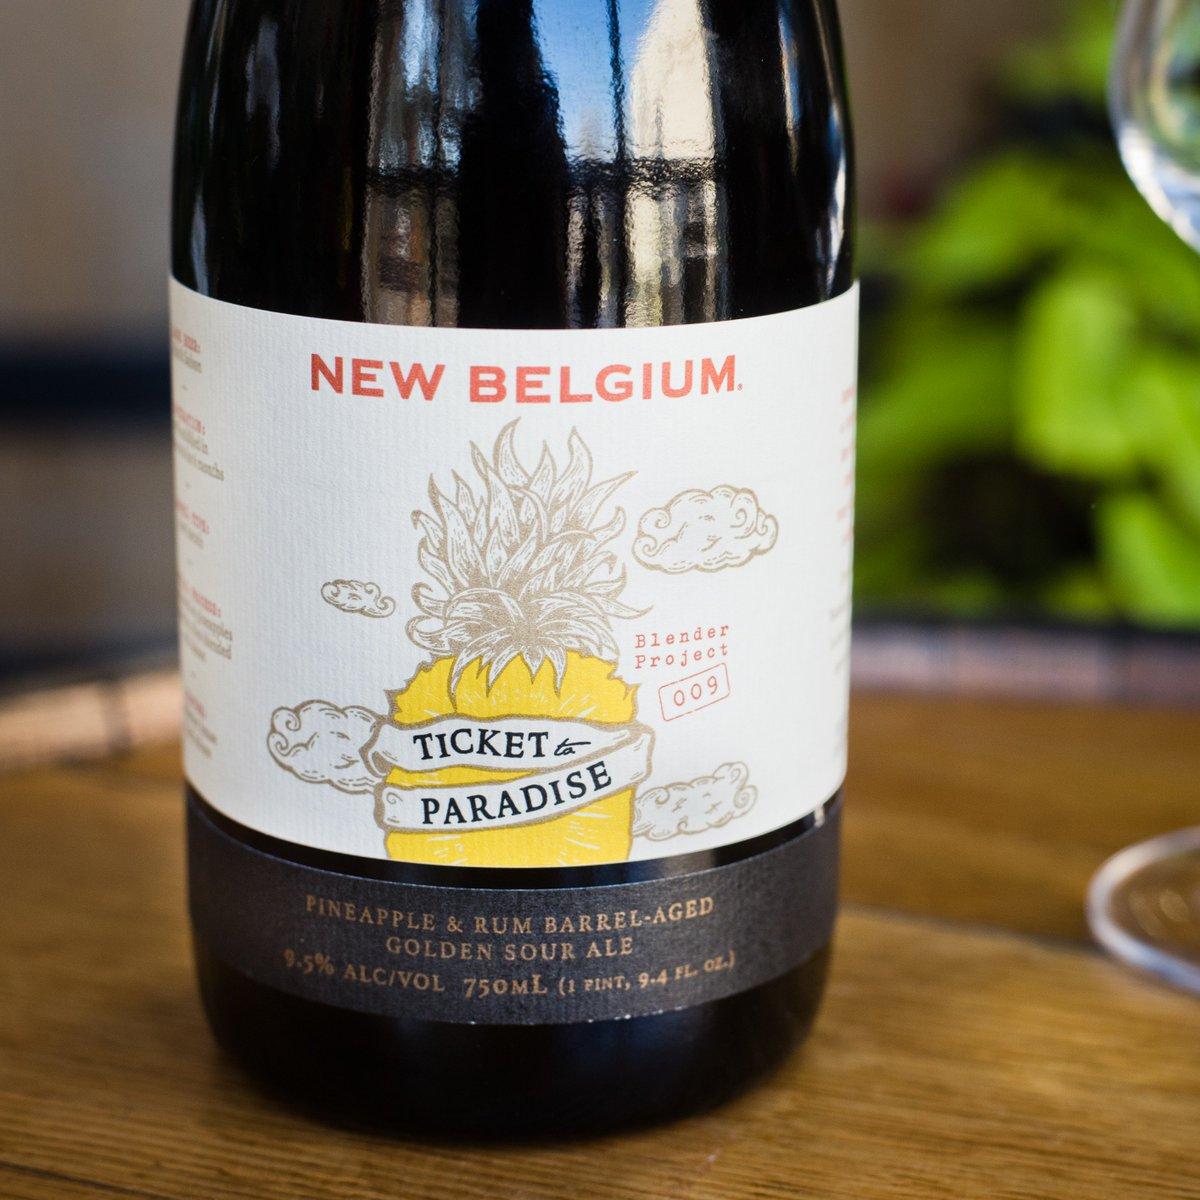 new belgium brewing newbelgium twitter